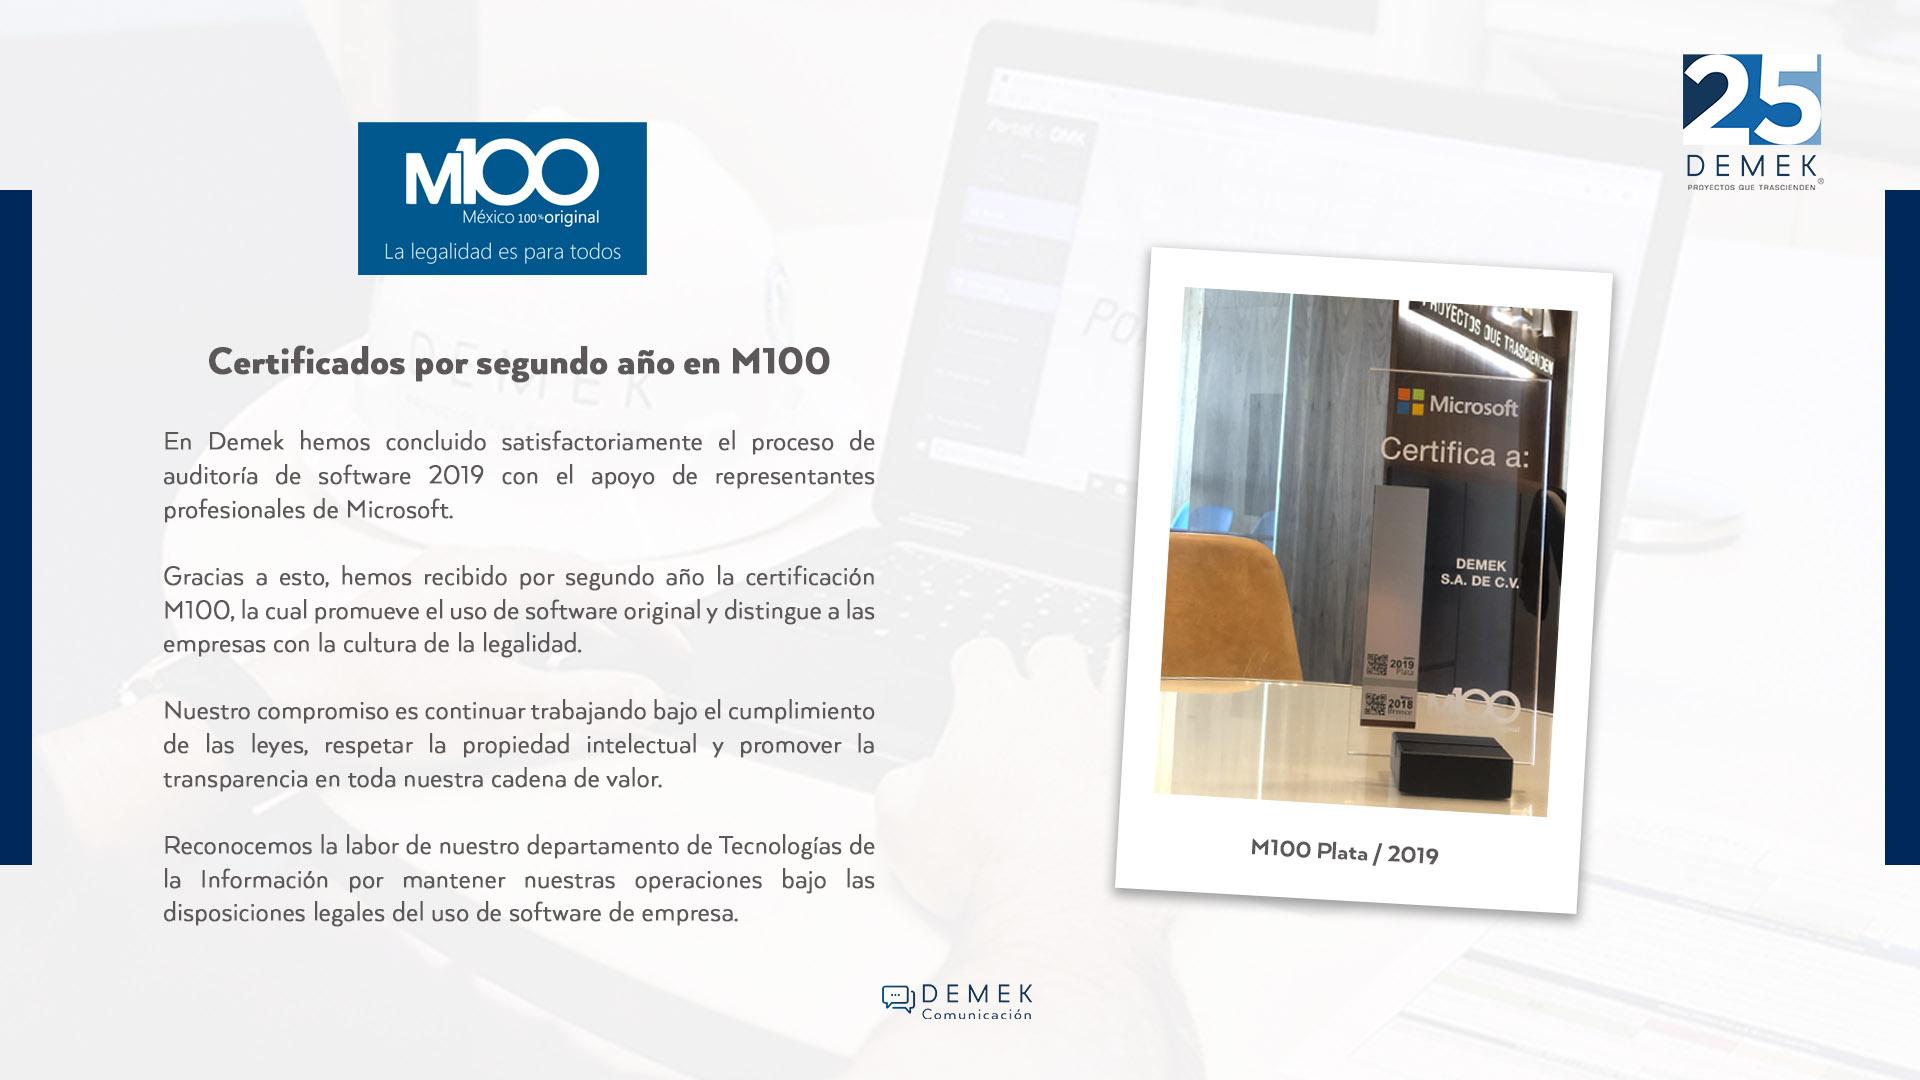 Certificación M100 / Plata